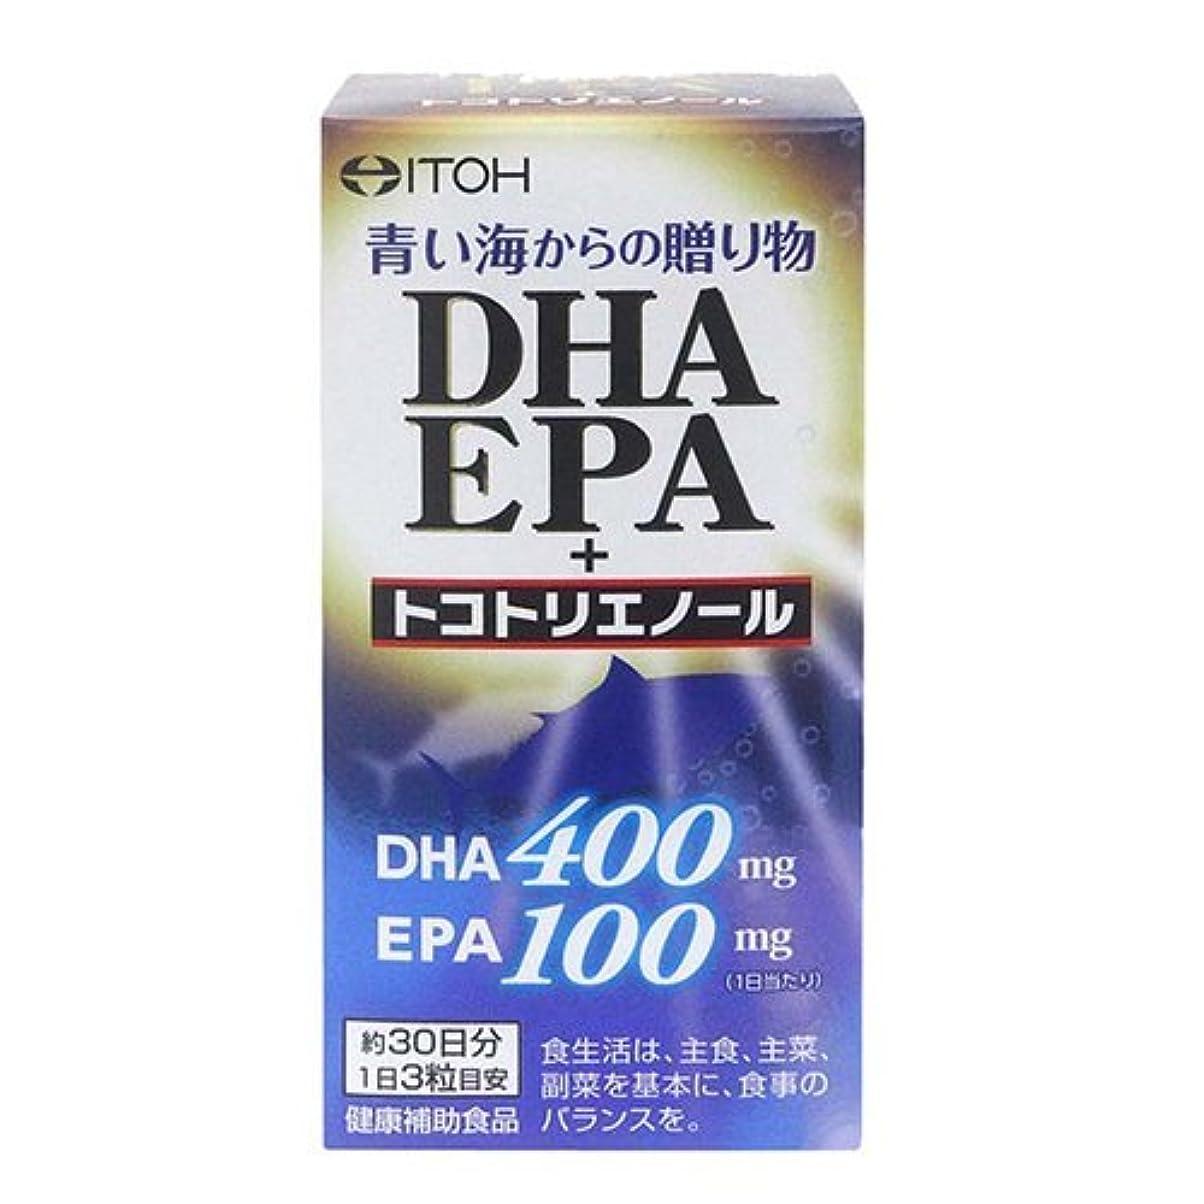 等しいベーカリー反応する井藤漢方製薬 DHA EPA+トコトリエノール 約30日分 90粒 Japan